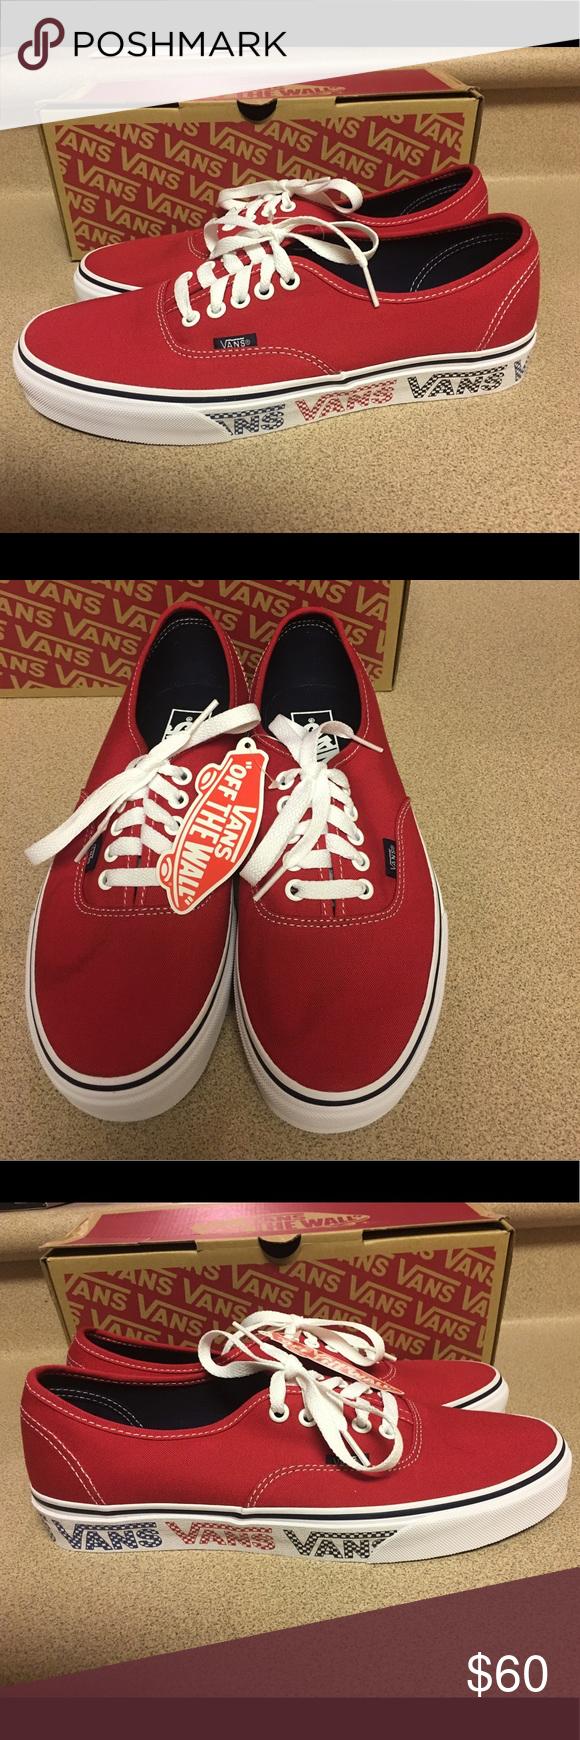 d752e0aad0a9 Vans (Vans Checker Tape) Dress Red Size 8.5 Men s Vans Authentic (Vans  Checker Tape) Dress Red NIB Size US 8.5 Men s VN0A38EMMQO Vans Shoes  Sneakers